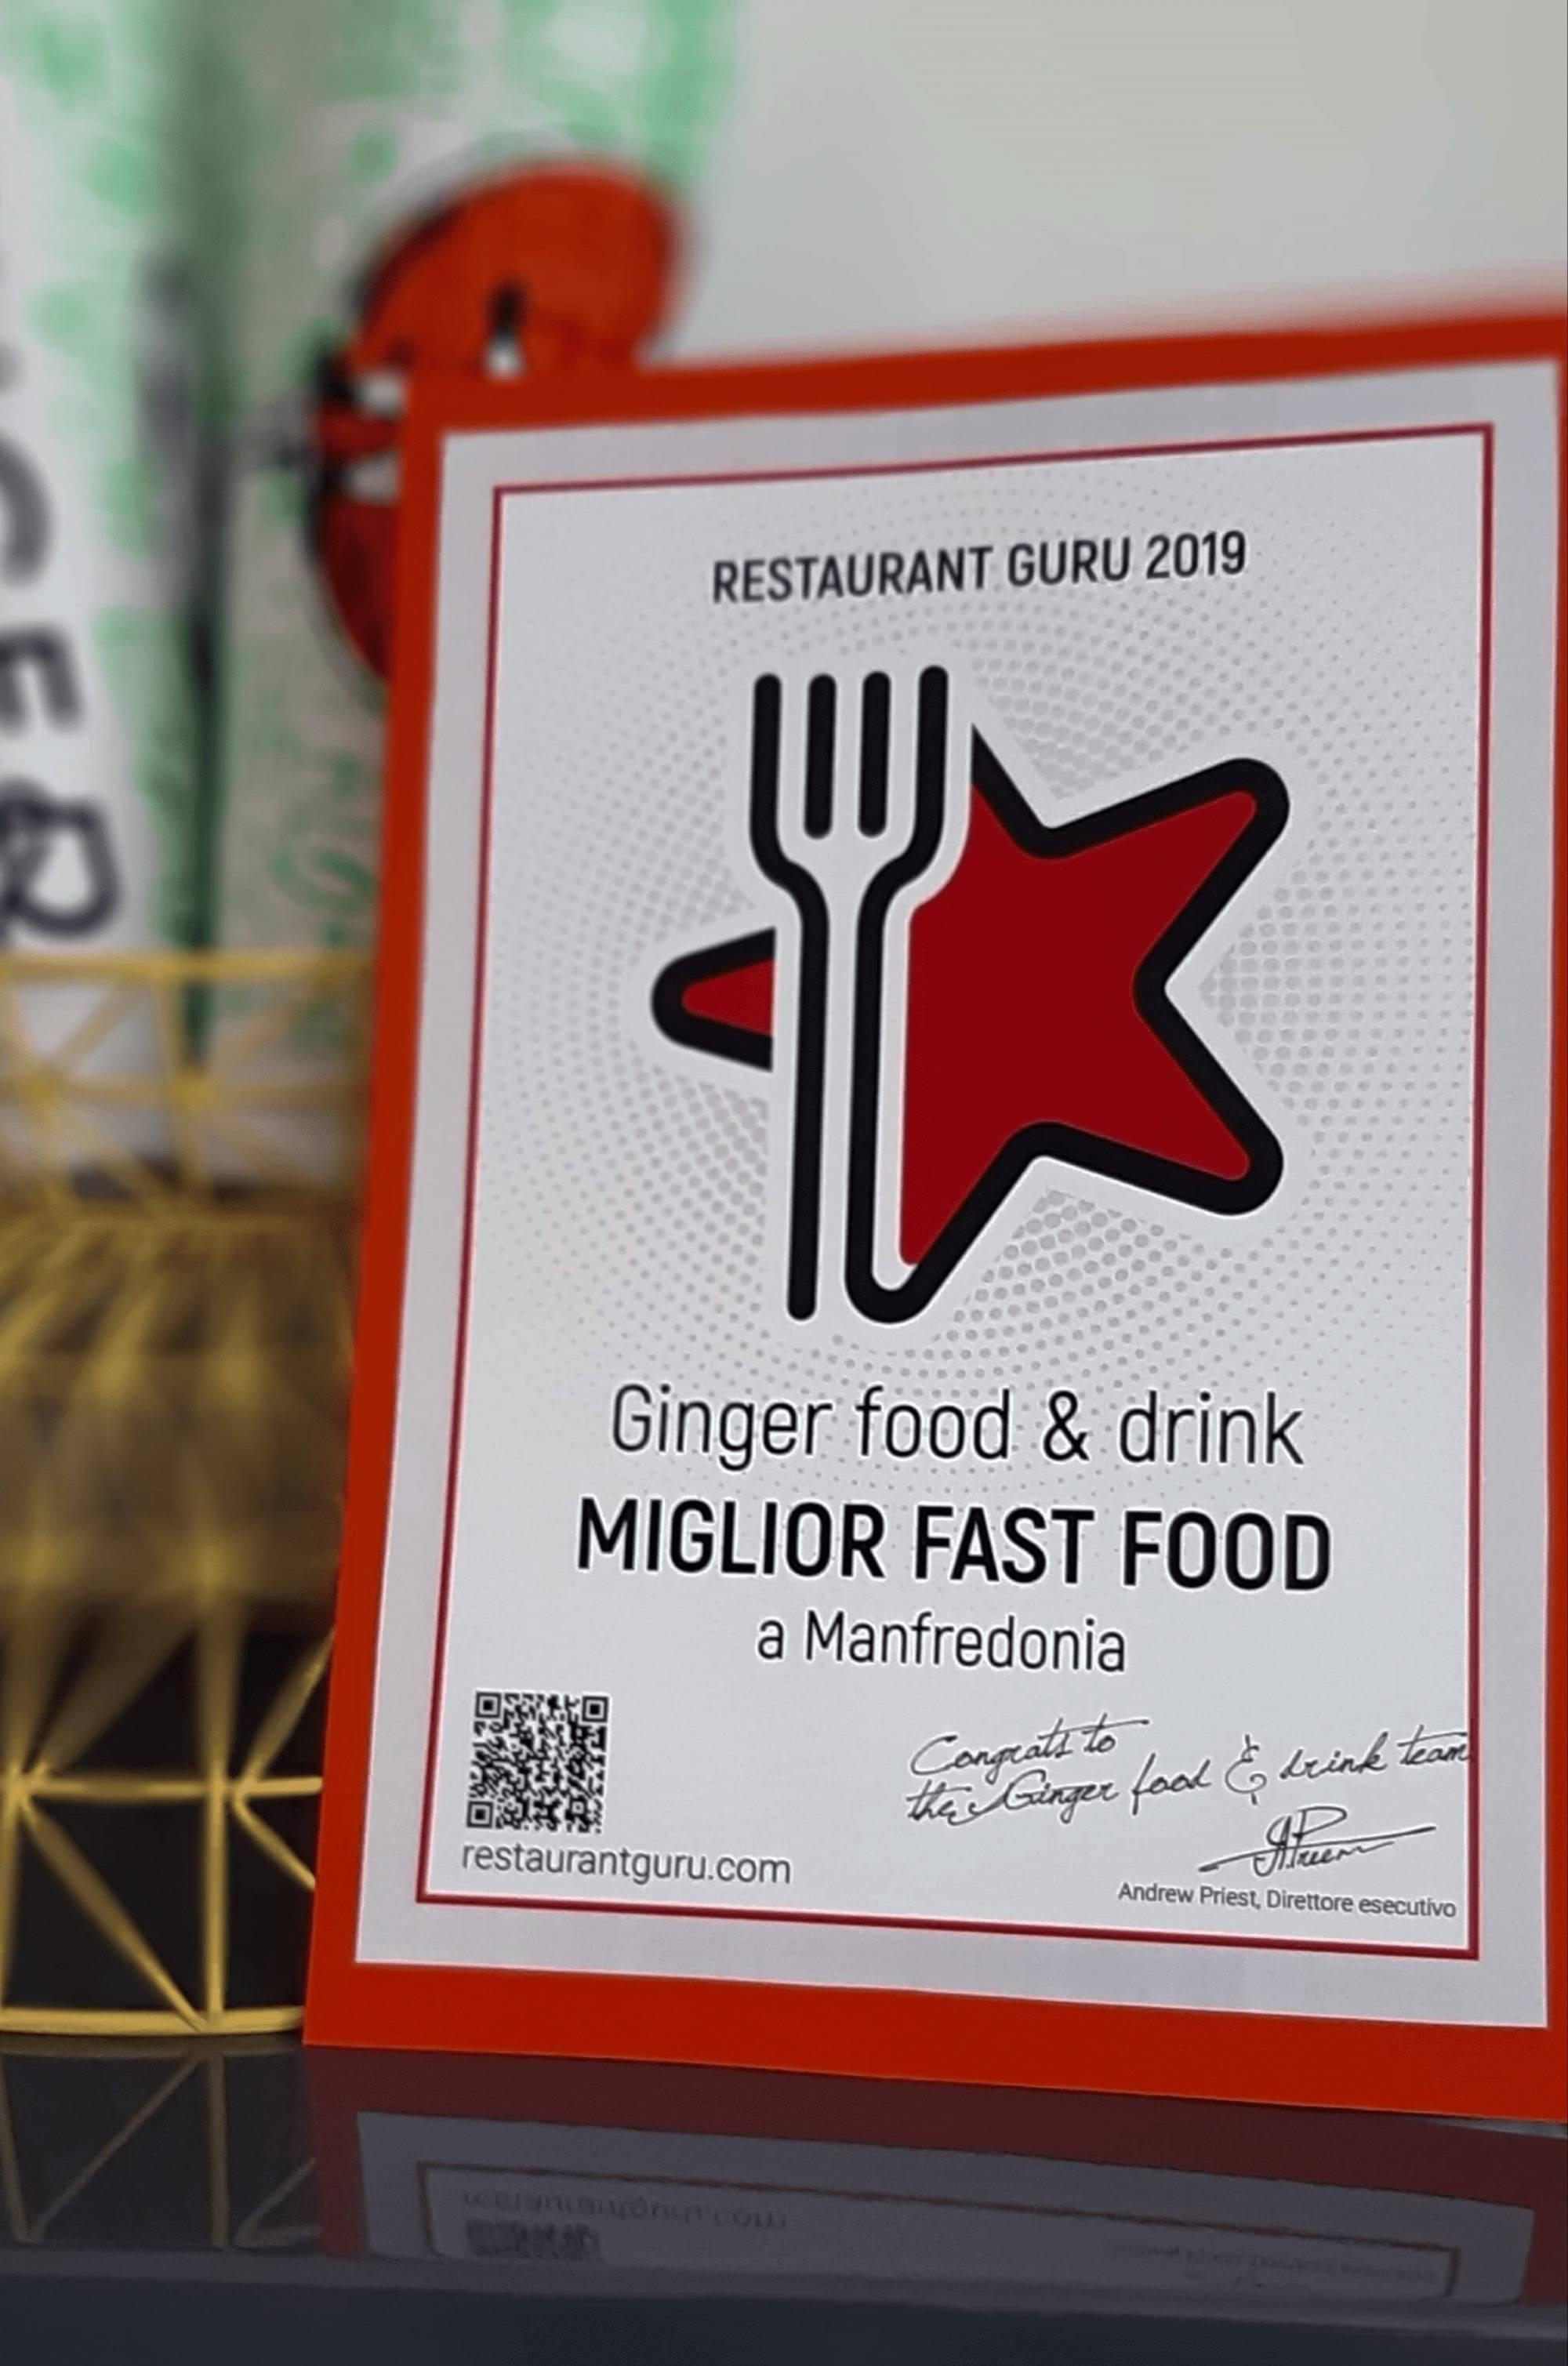 Ginger food & drink award